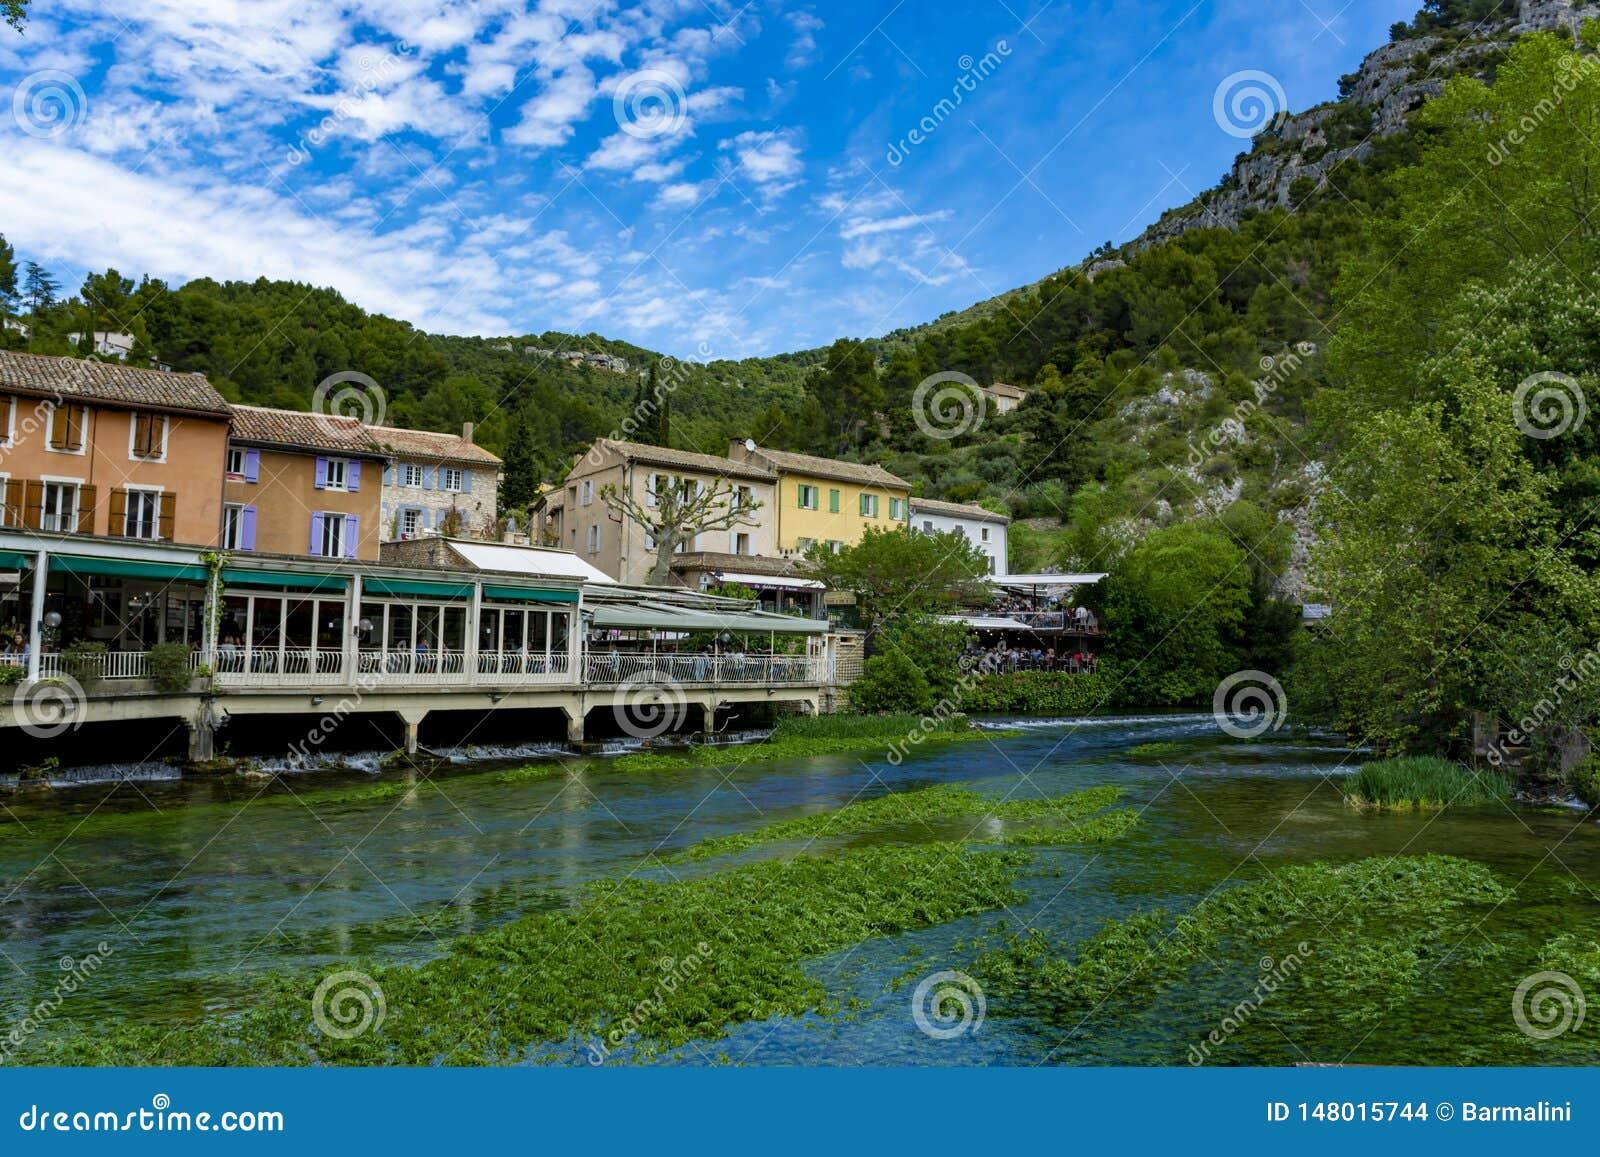 S?der av Frankrike, sikt p? den lilla Provencal staden av poeten Petrarch Fontaine-de-vaucluse med vatten f?r smaragdgr?splan av